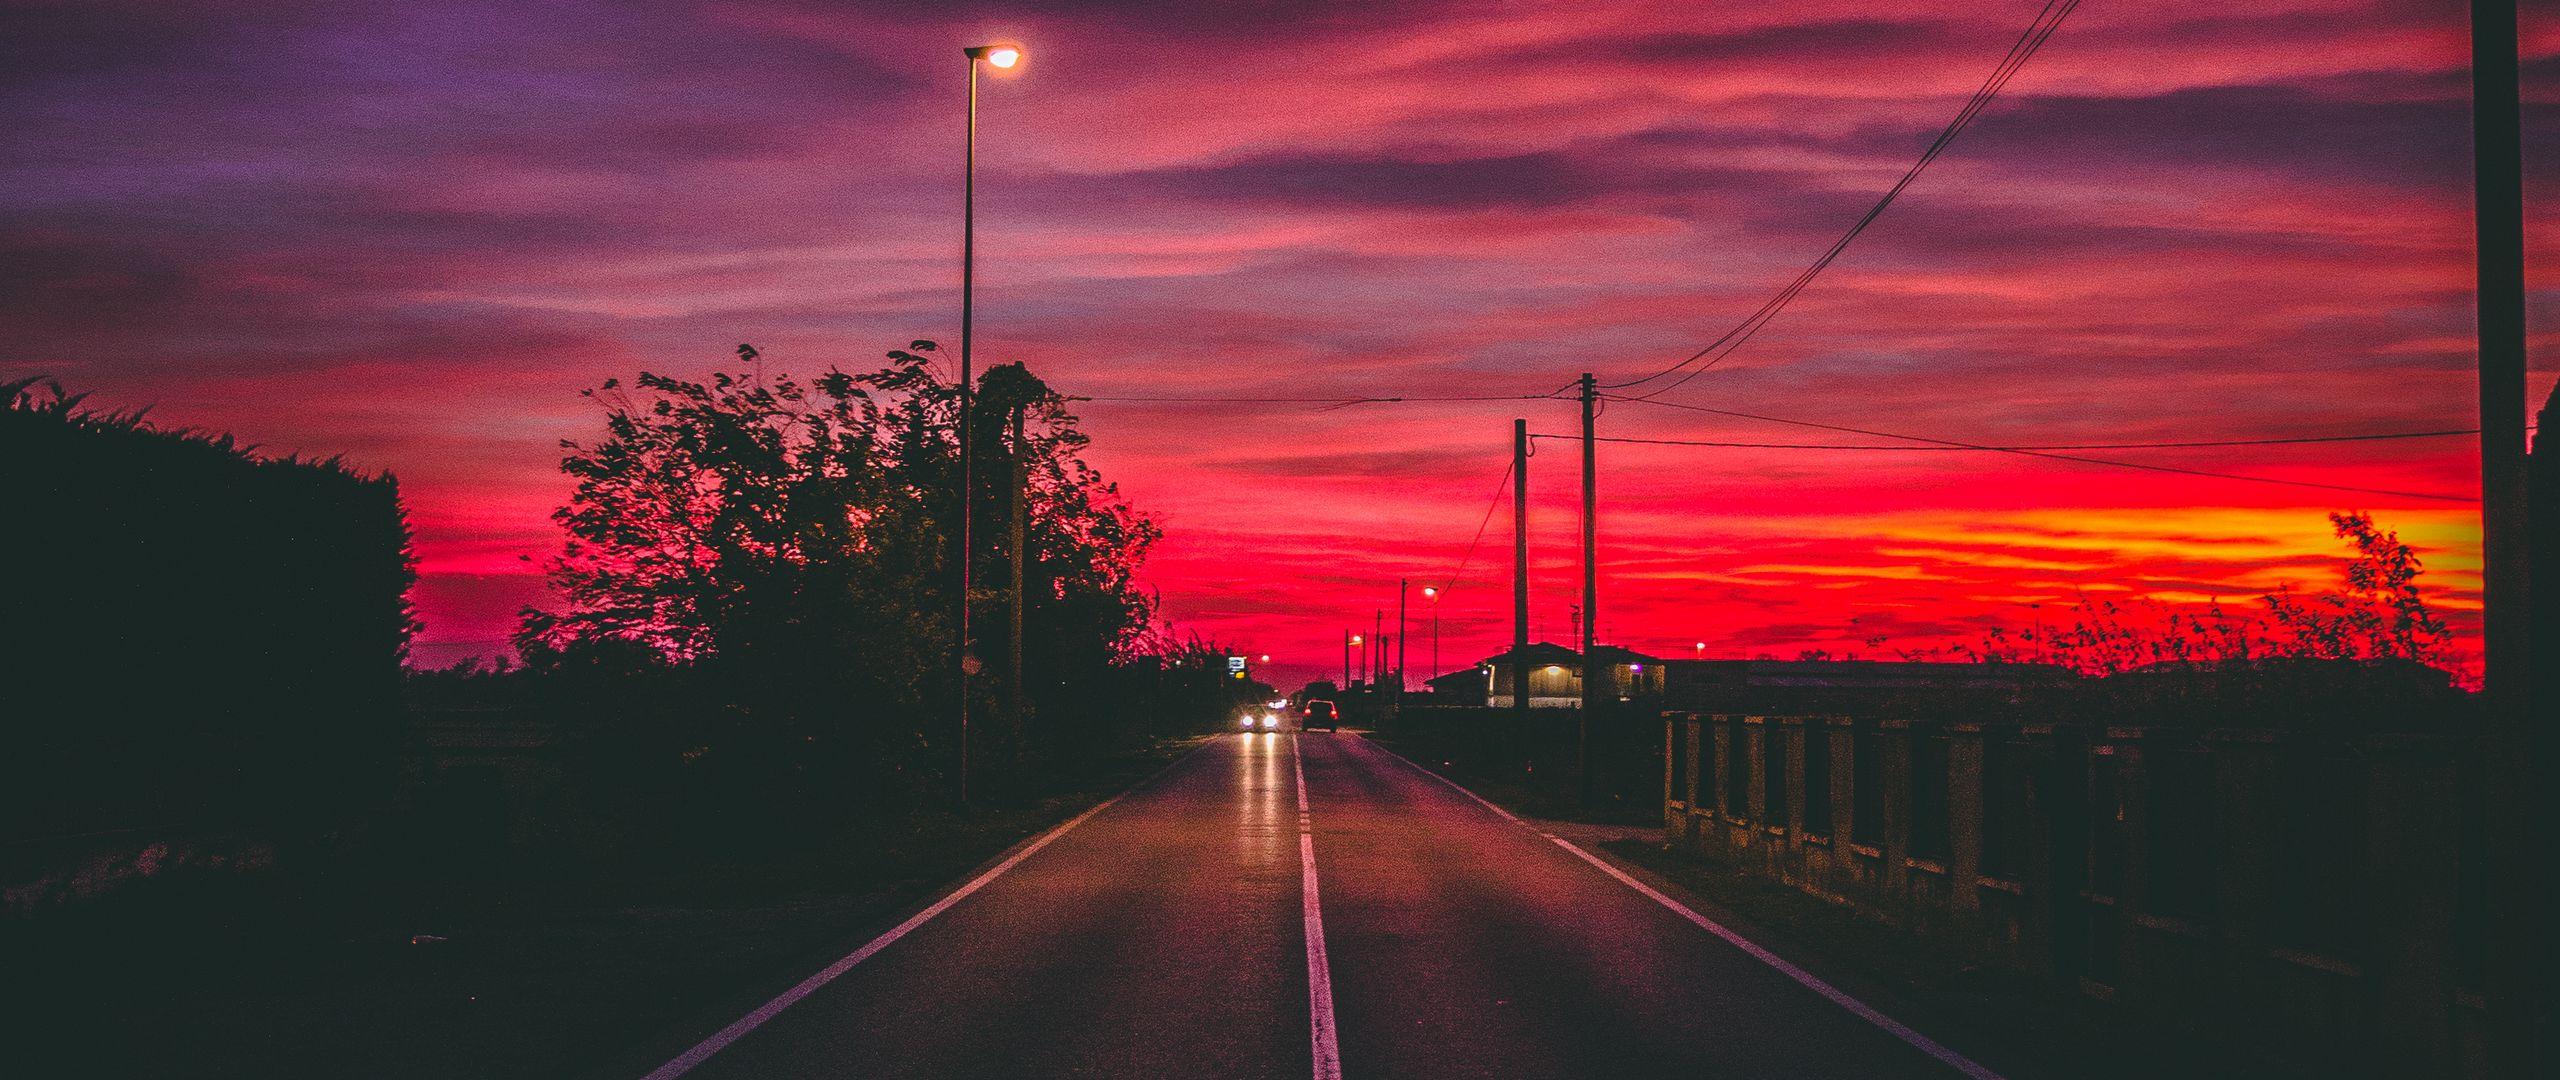 2560x1080 Wallpaper road, sunset, horizon, marking